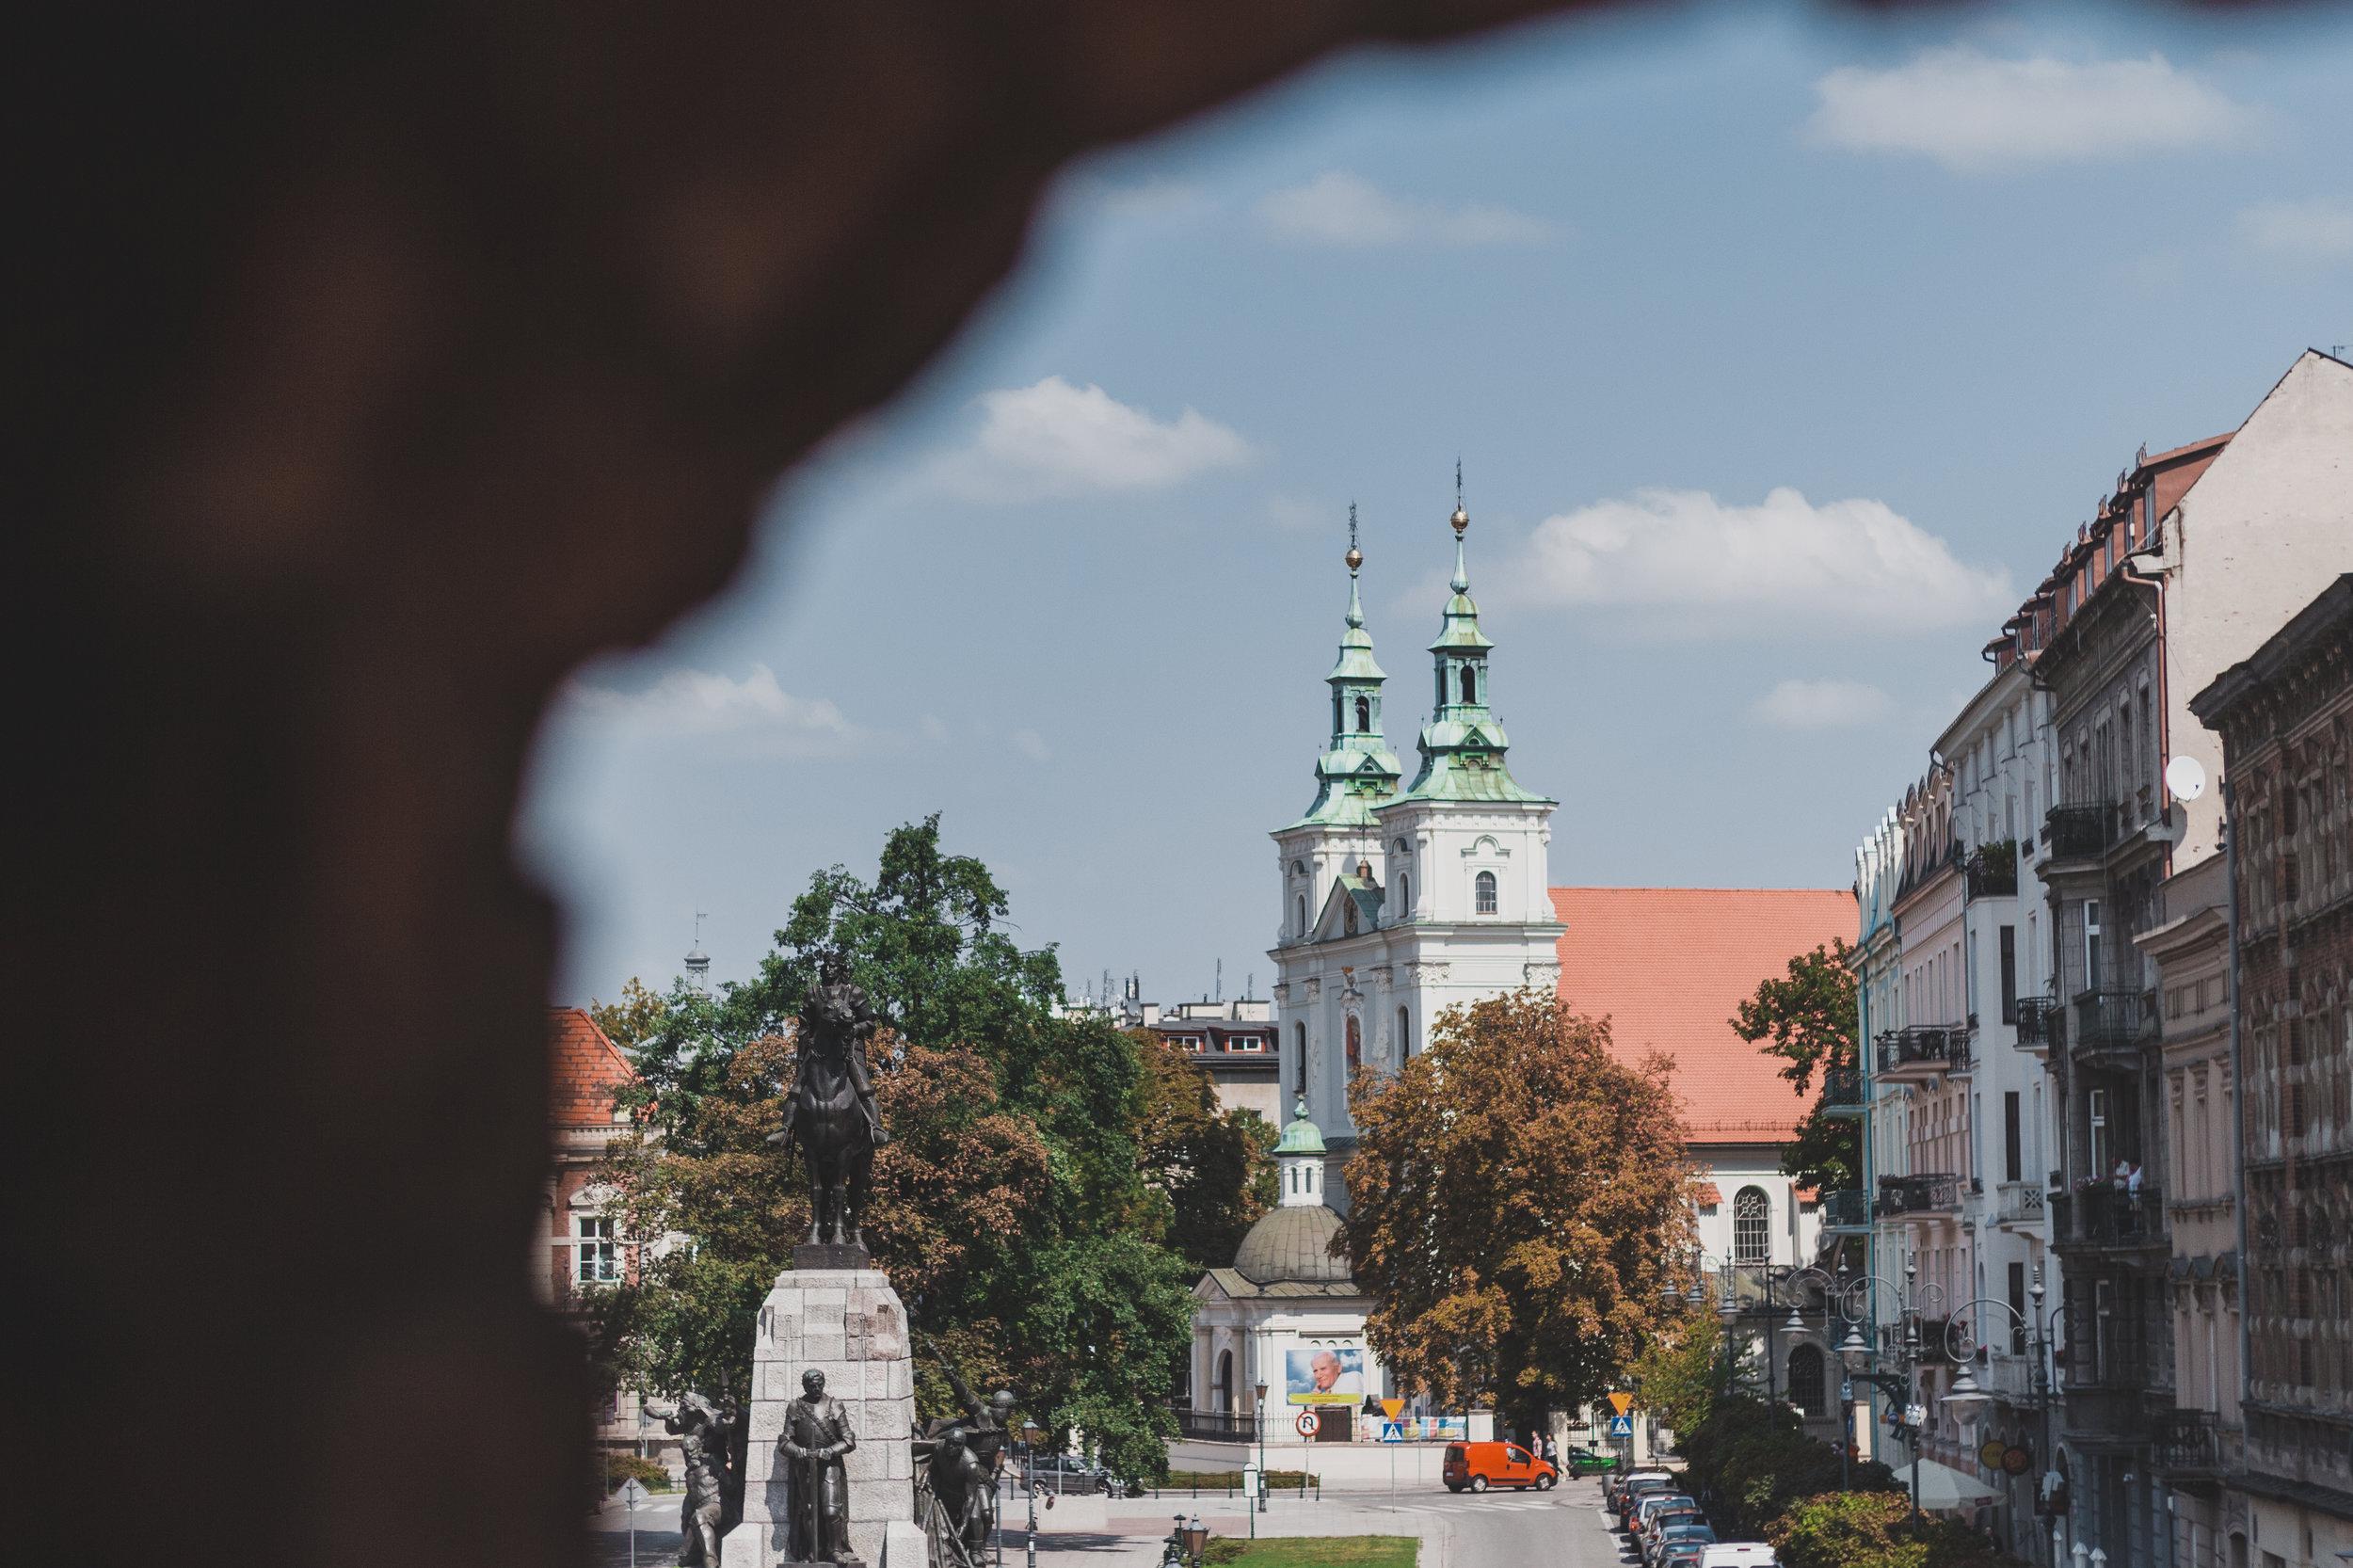 Poland+Krakow+St. Florian's Gate